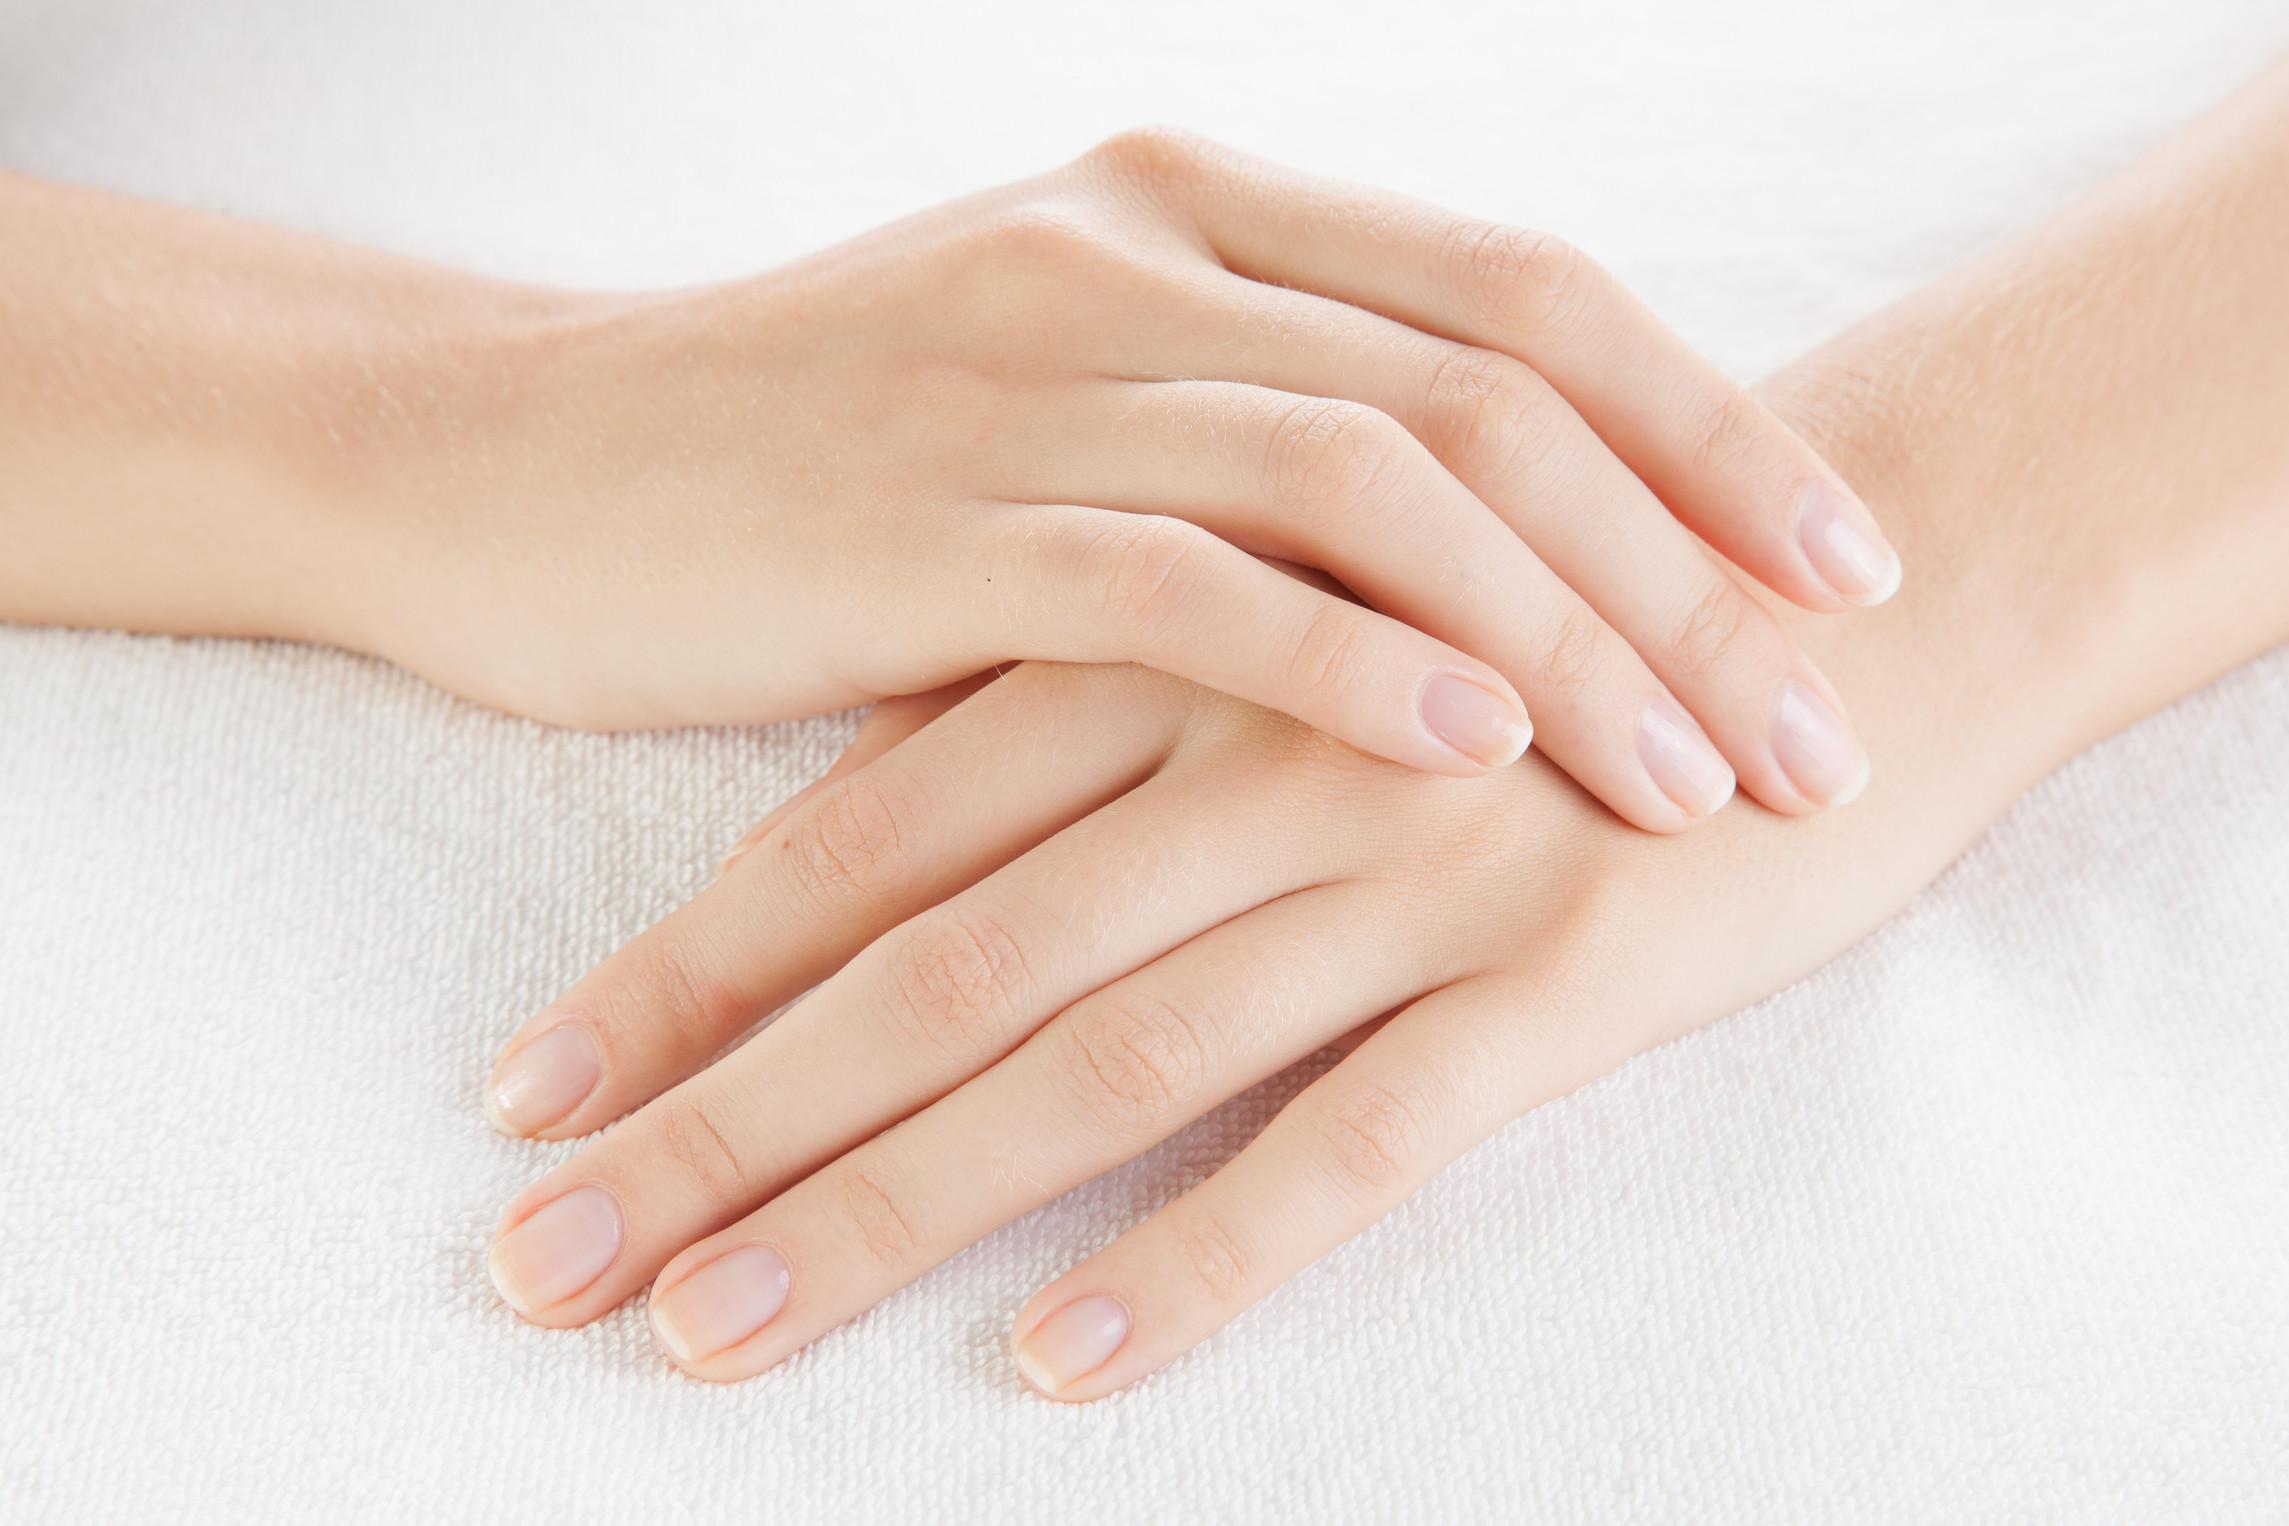 Bột giặt Aba được sản xuất với công thức nhẹ dịu, không gây tổn hại đến da tay của bạn